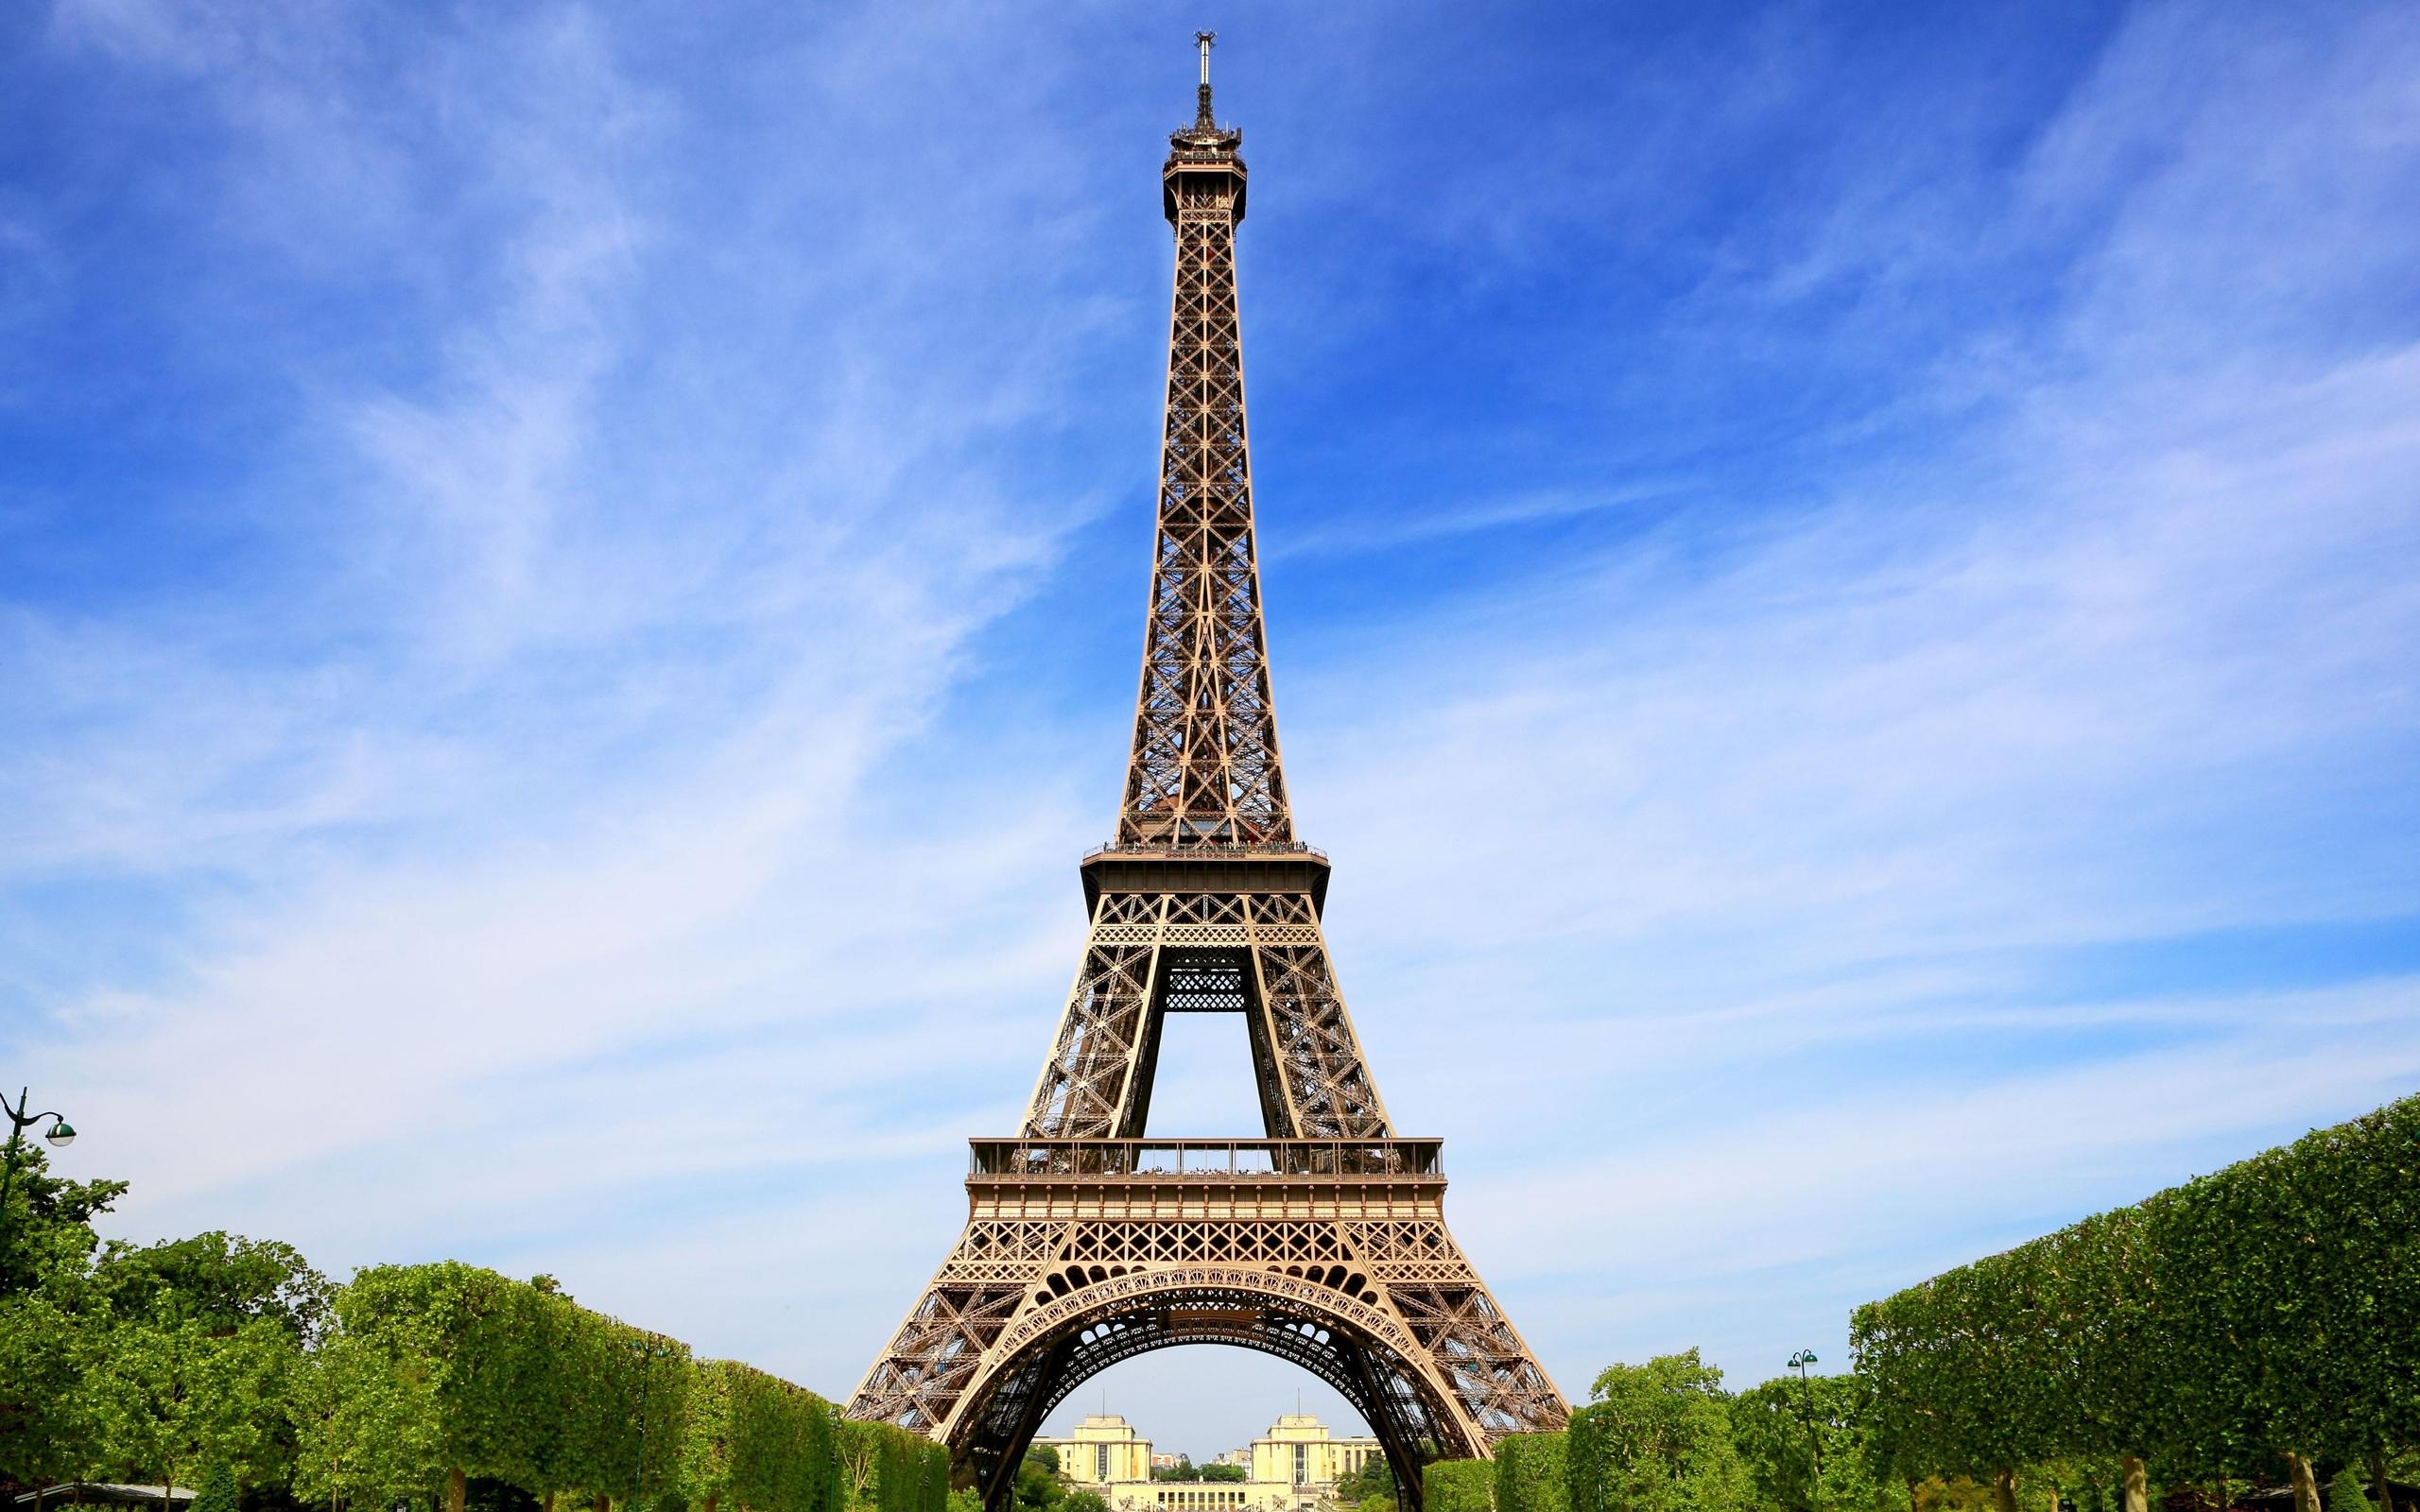 Beste Frankreich Eiffelturm Malvorlagen Bilder - Malvorlagen Von ...